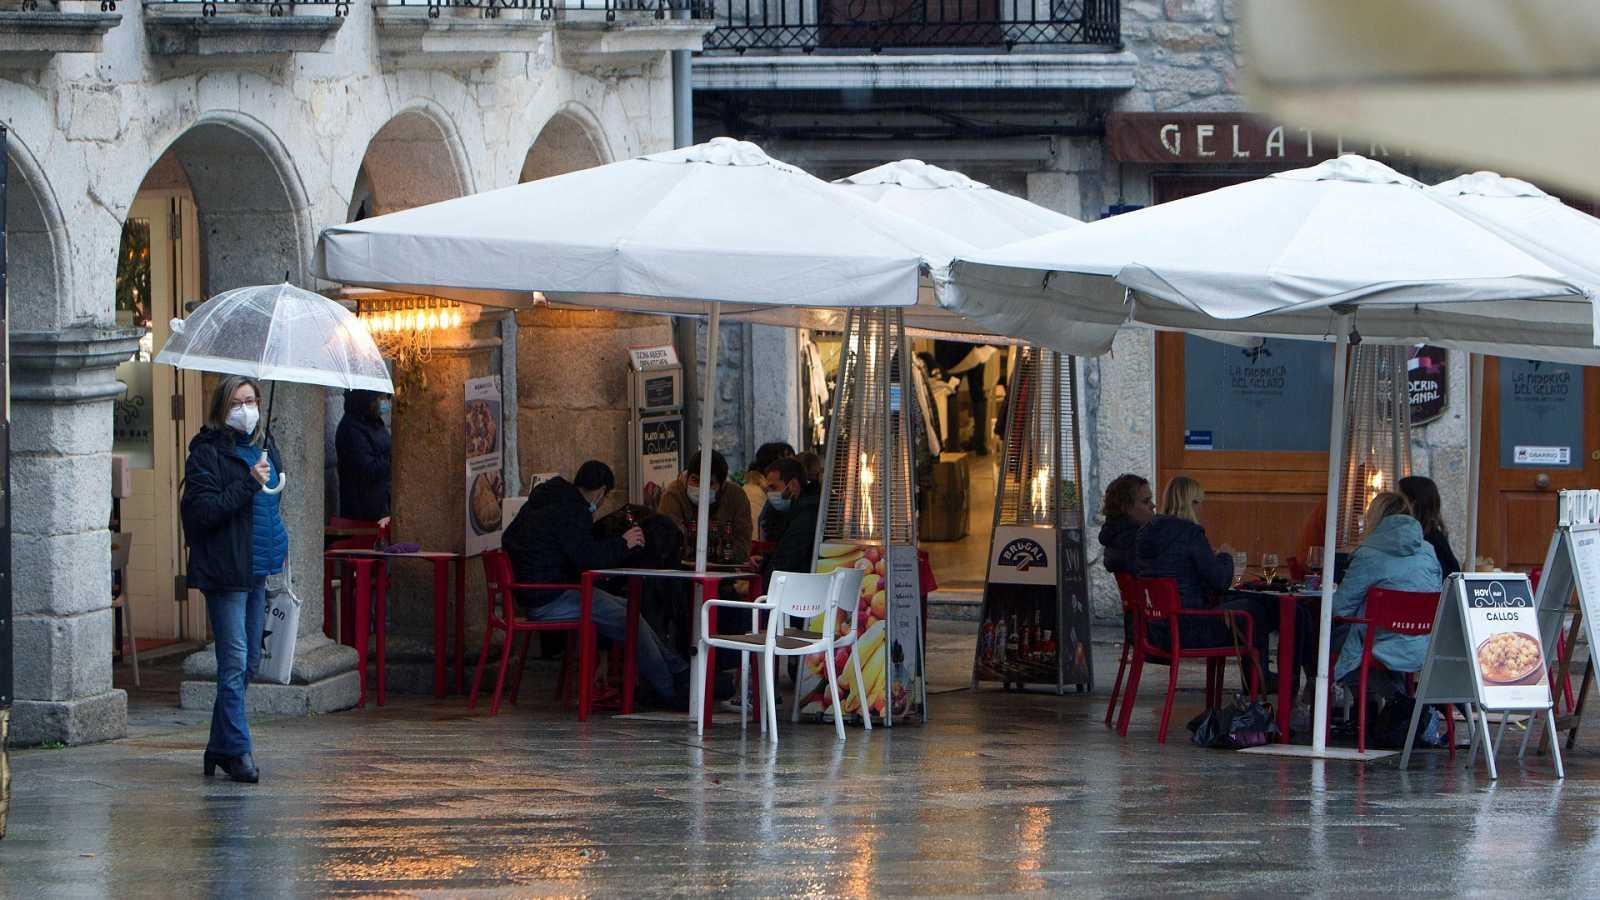 COVID-19: Galicia, Navarra y La Rioja endurecen las restricciones